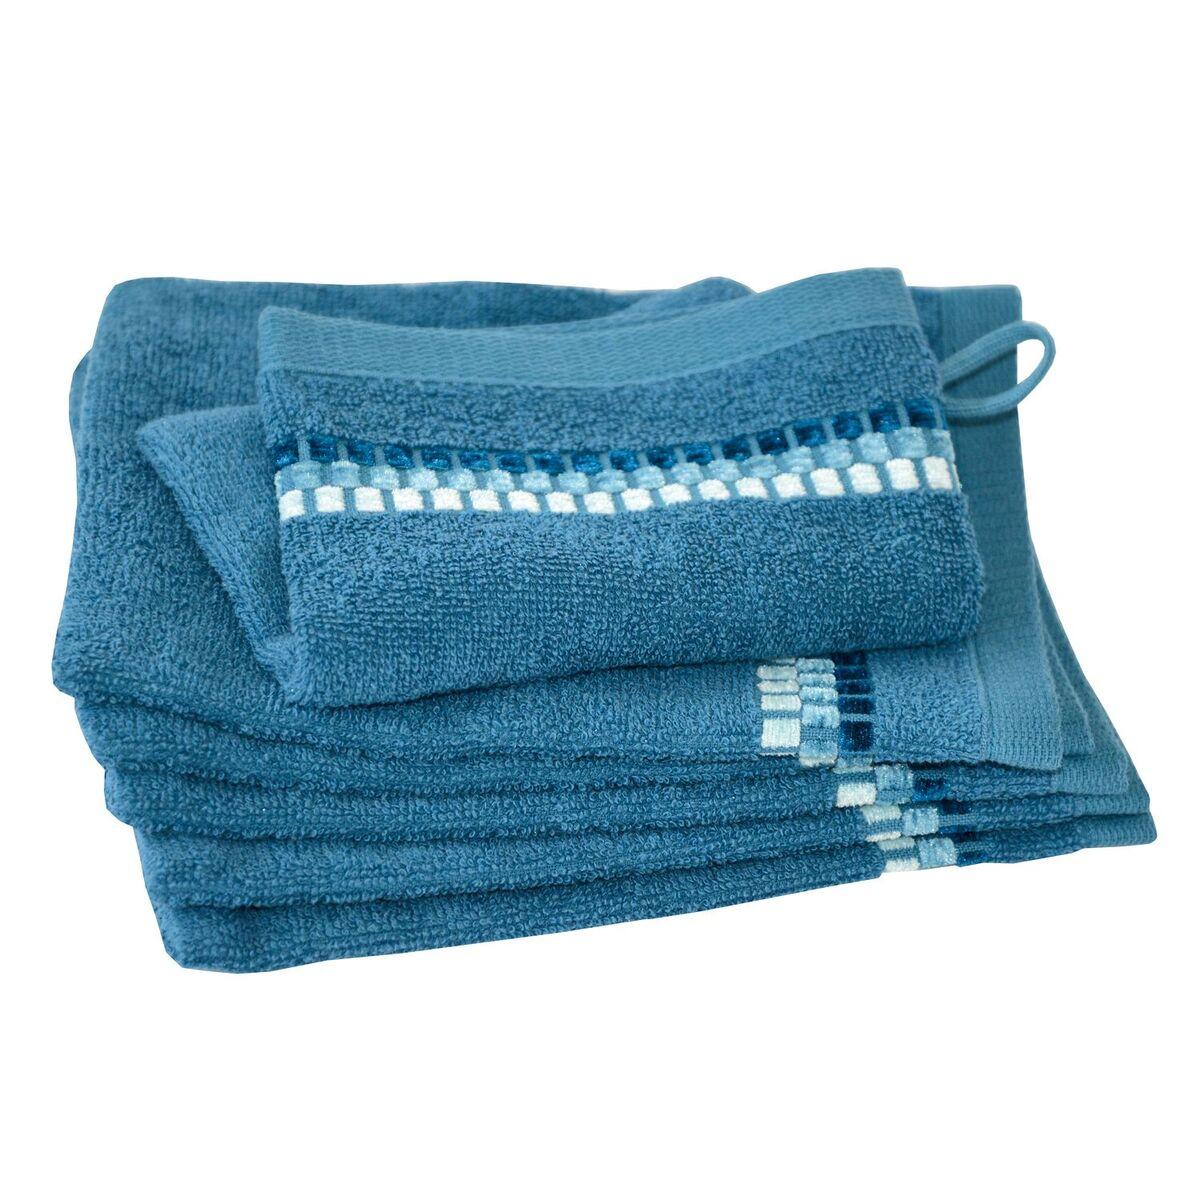 Bild 4 von tukan Gästetücher oder Waschhandschuhe